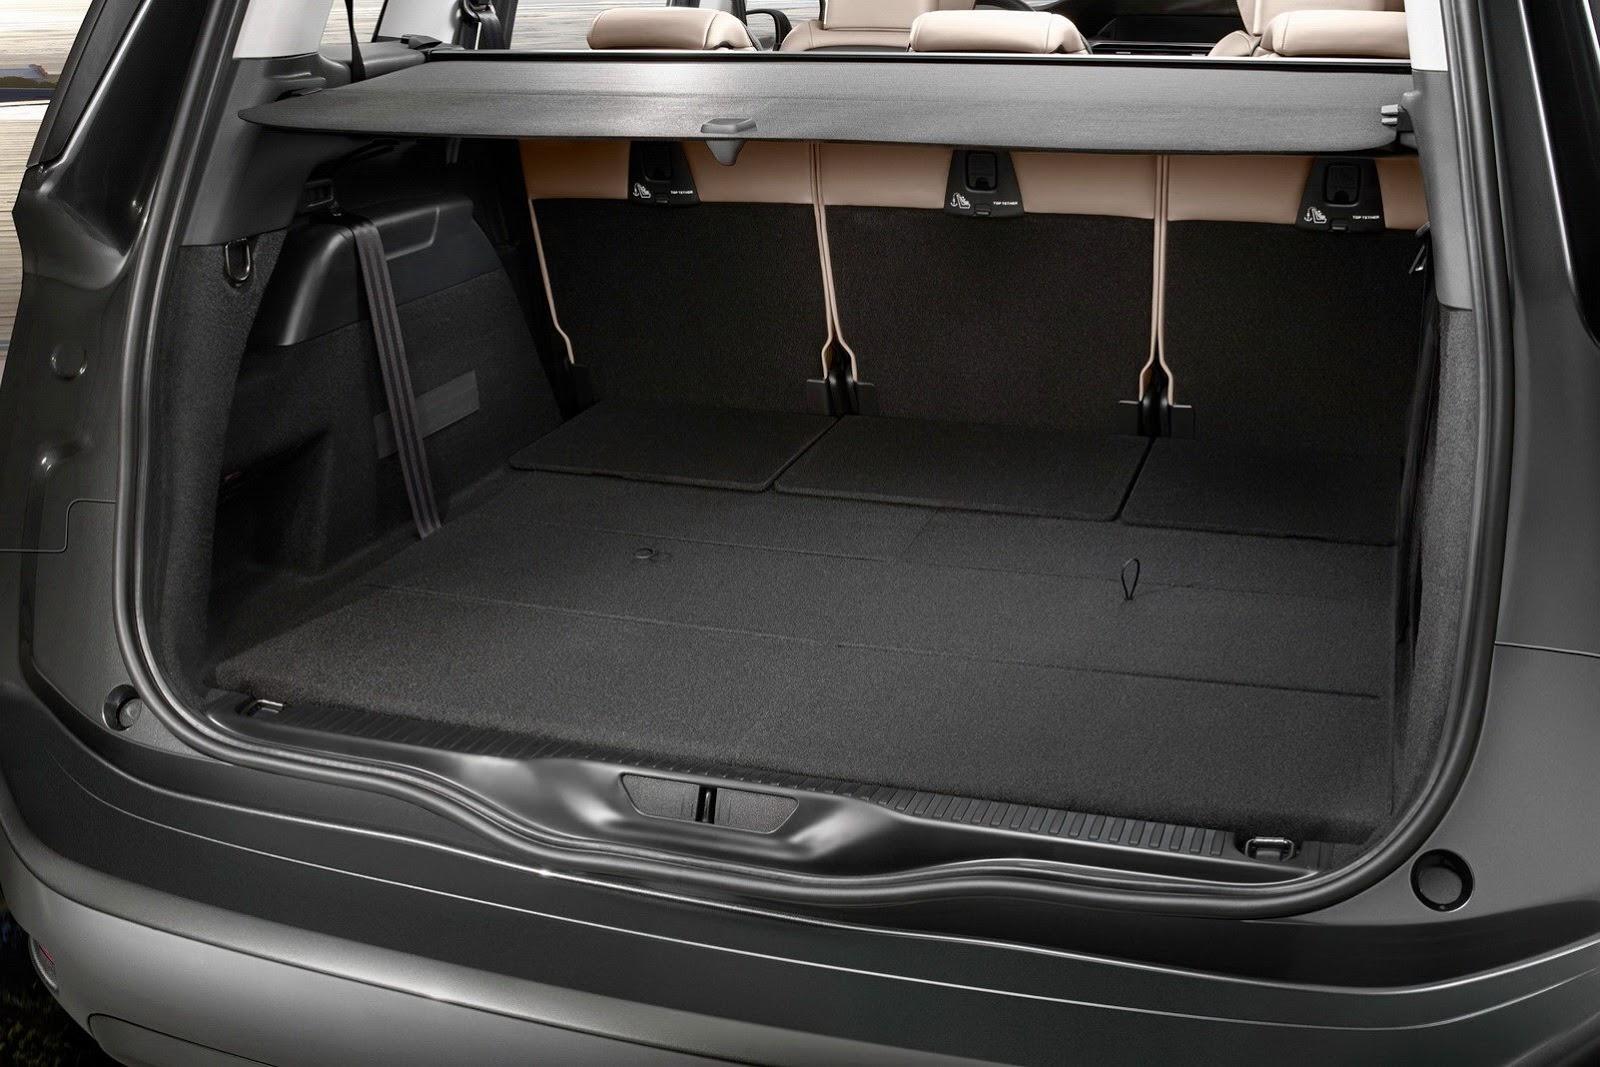 [SUJET OFFICIEL] Citroën Grand C4 Picasso II  - Page 4 Citroen-Grand-C4-Picasso-31%25255B2%25255D